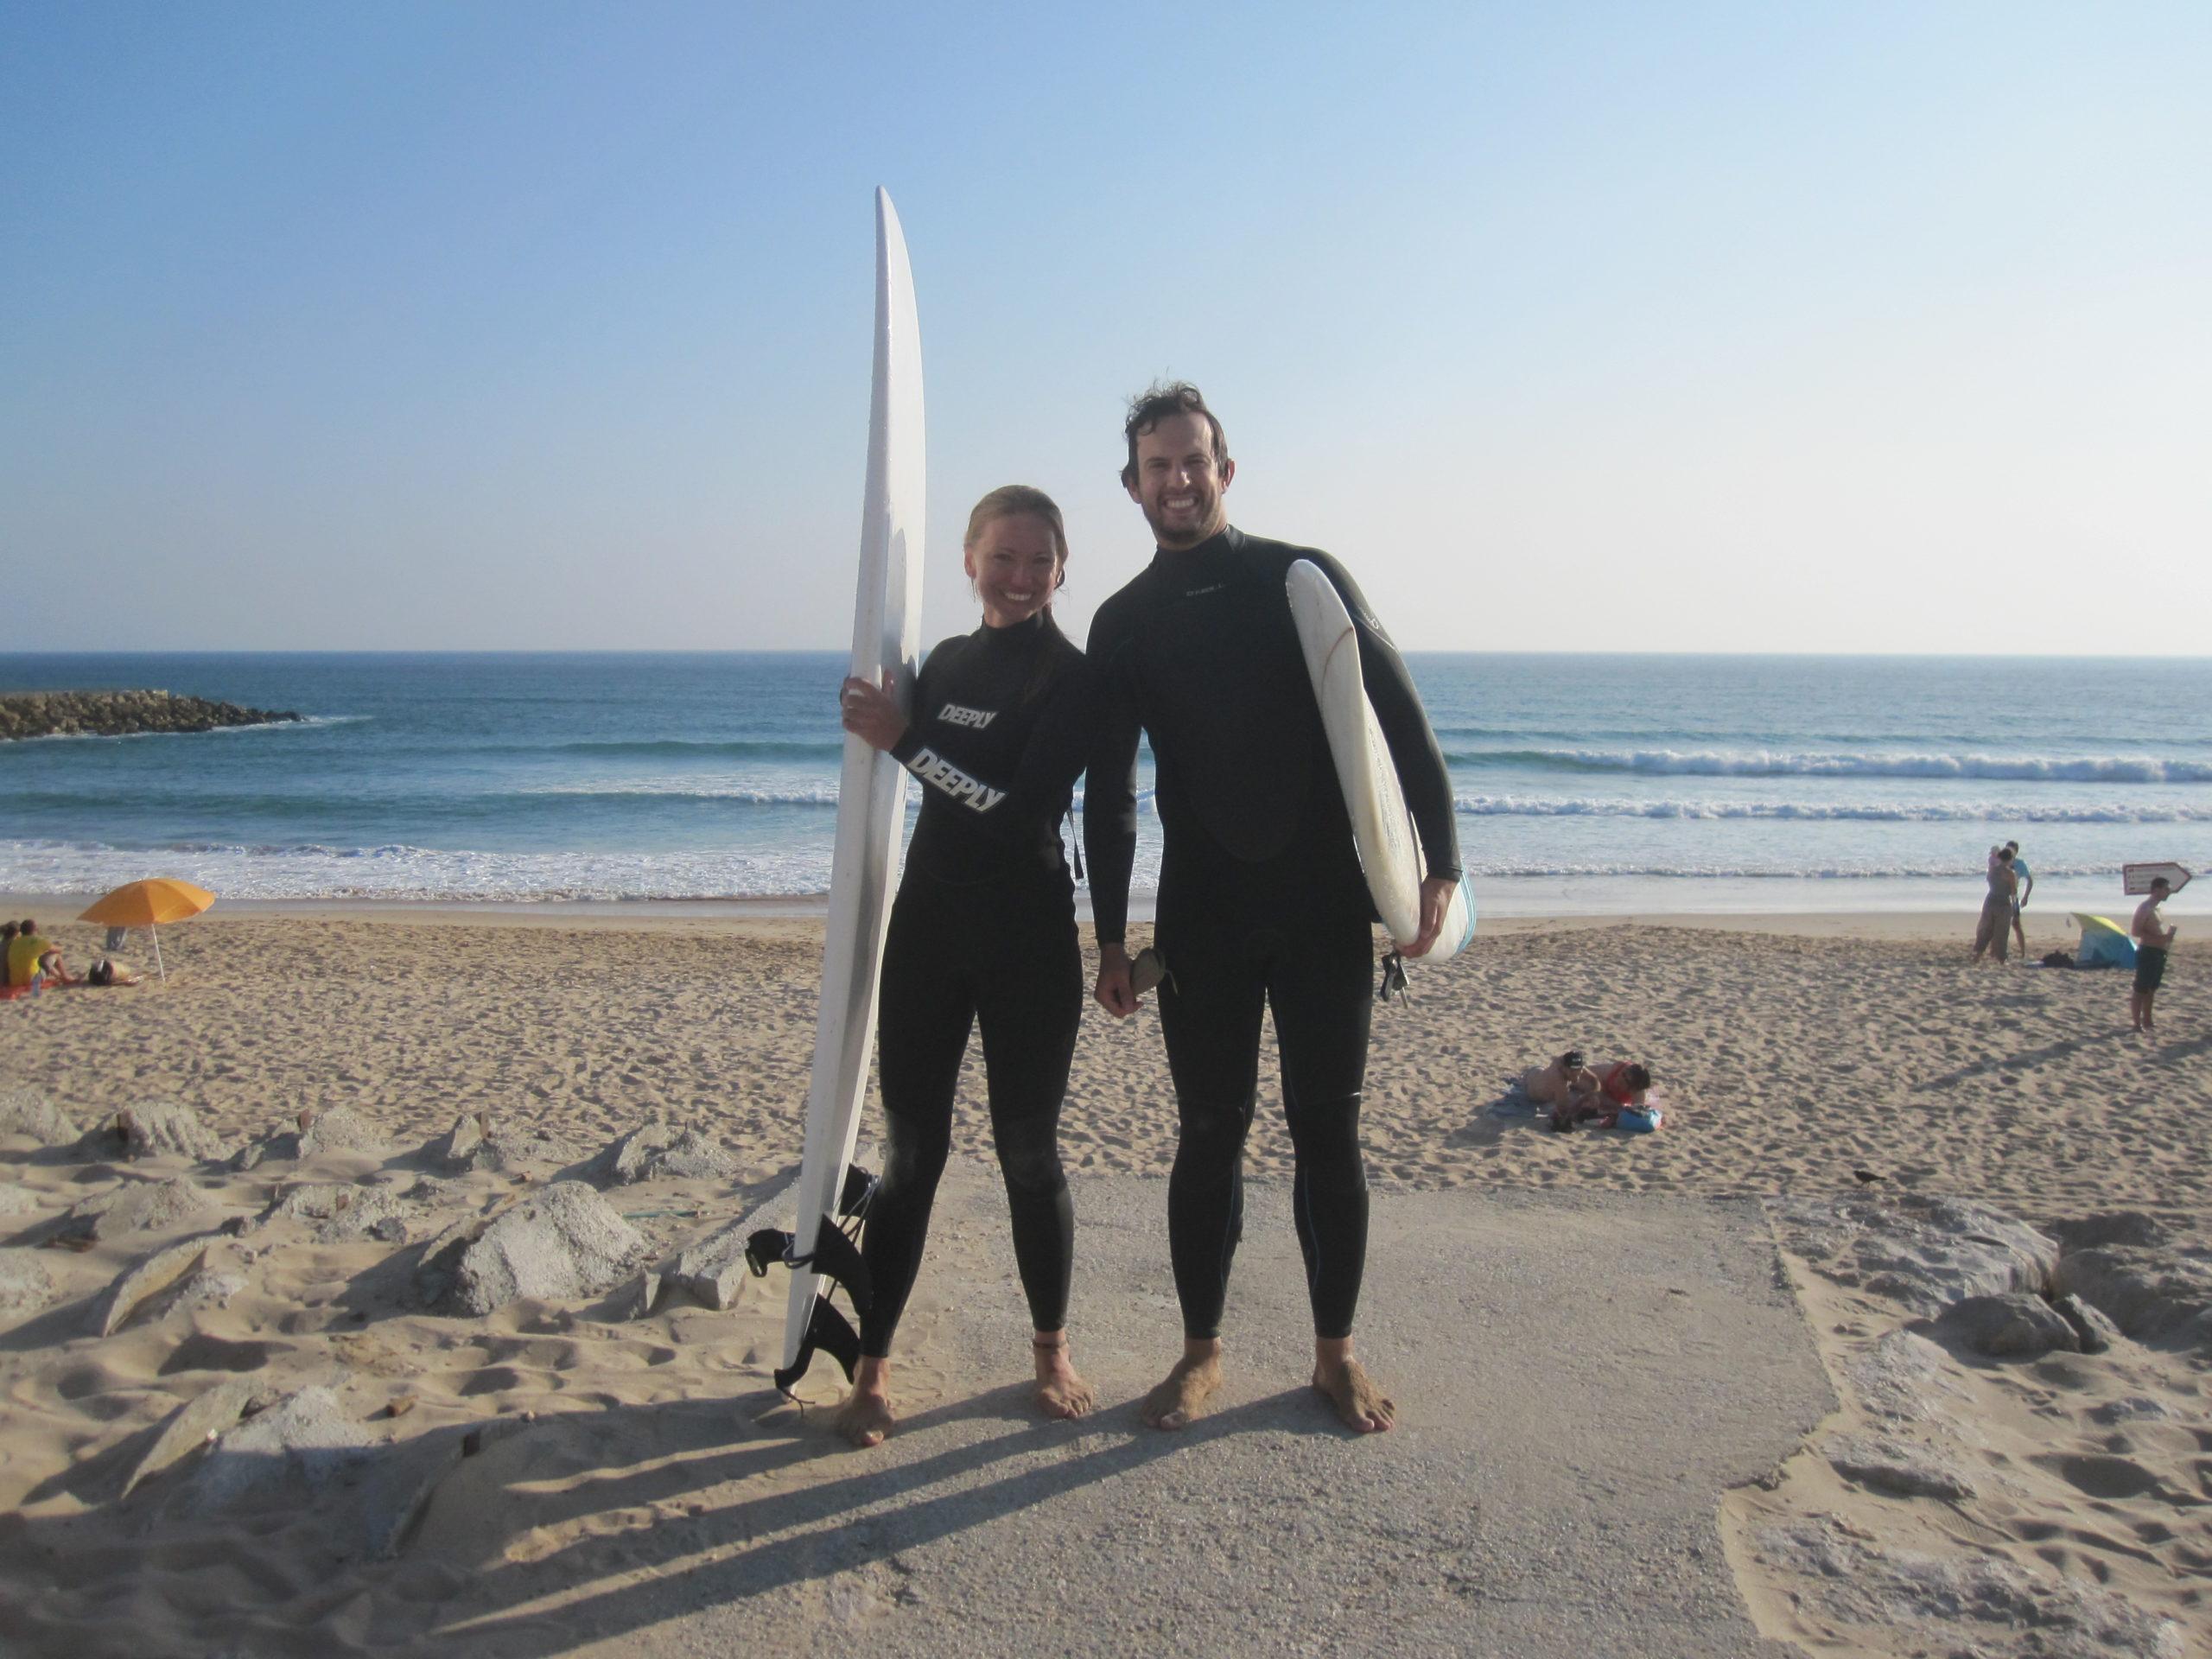 Říká se, že Portugalsko má ty nejlepší vlny v Evropě